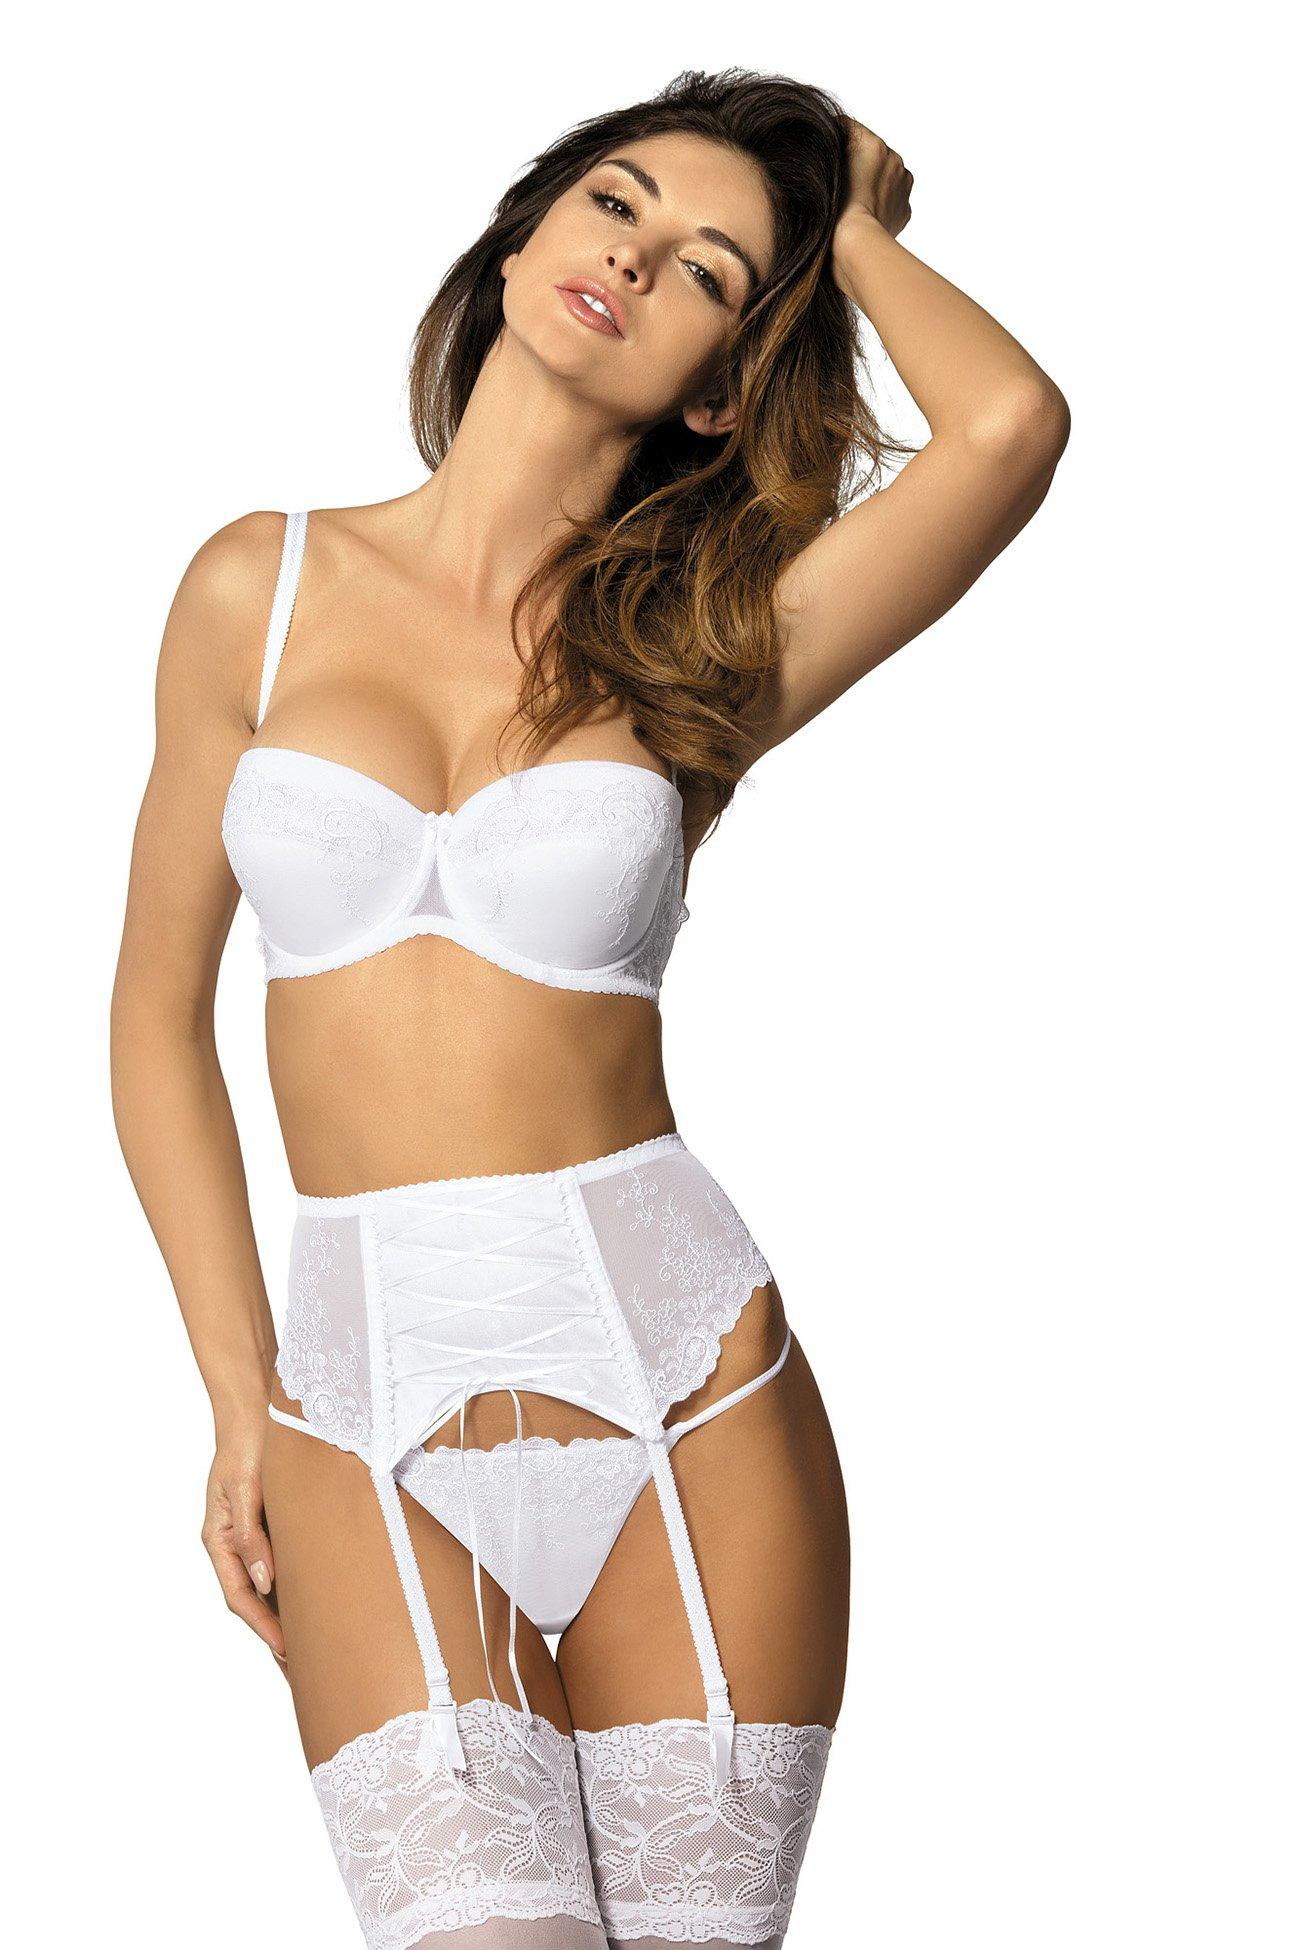 023e38df3 Gorteks Yvette PPW garter belt white Classic collection